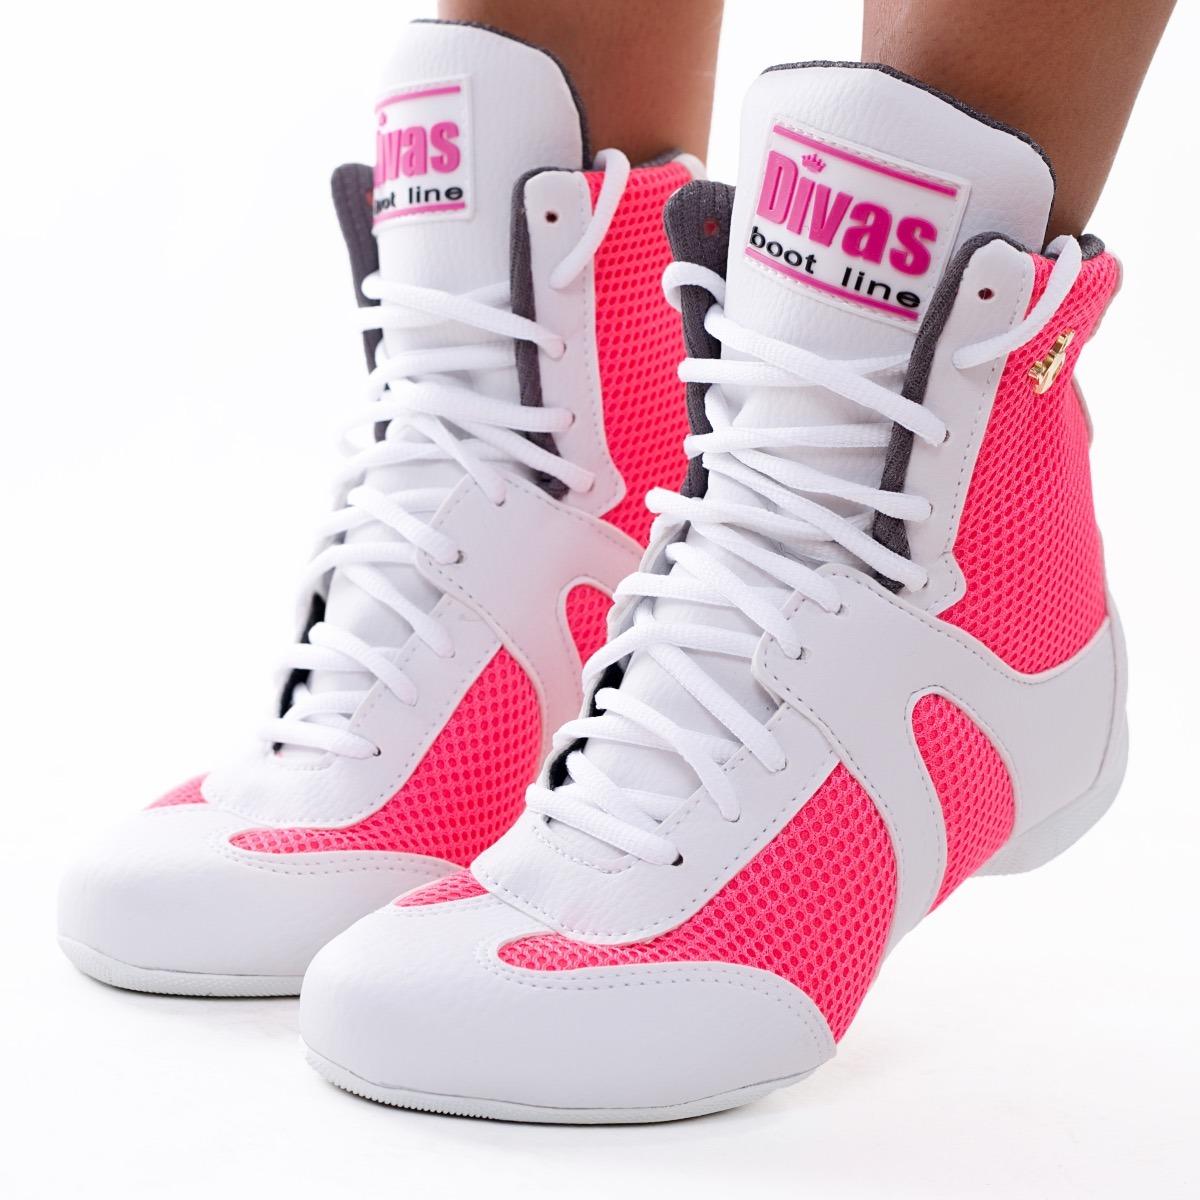 221f54681 2 pares botas de treino divas ou mister academia musculação. Carregando  zoom.